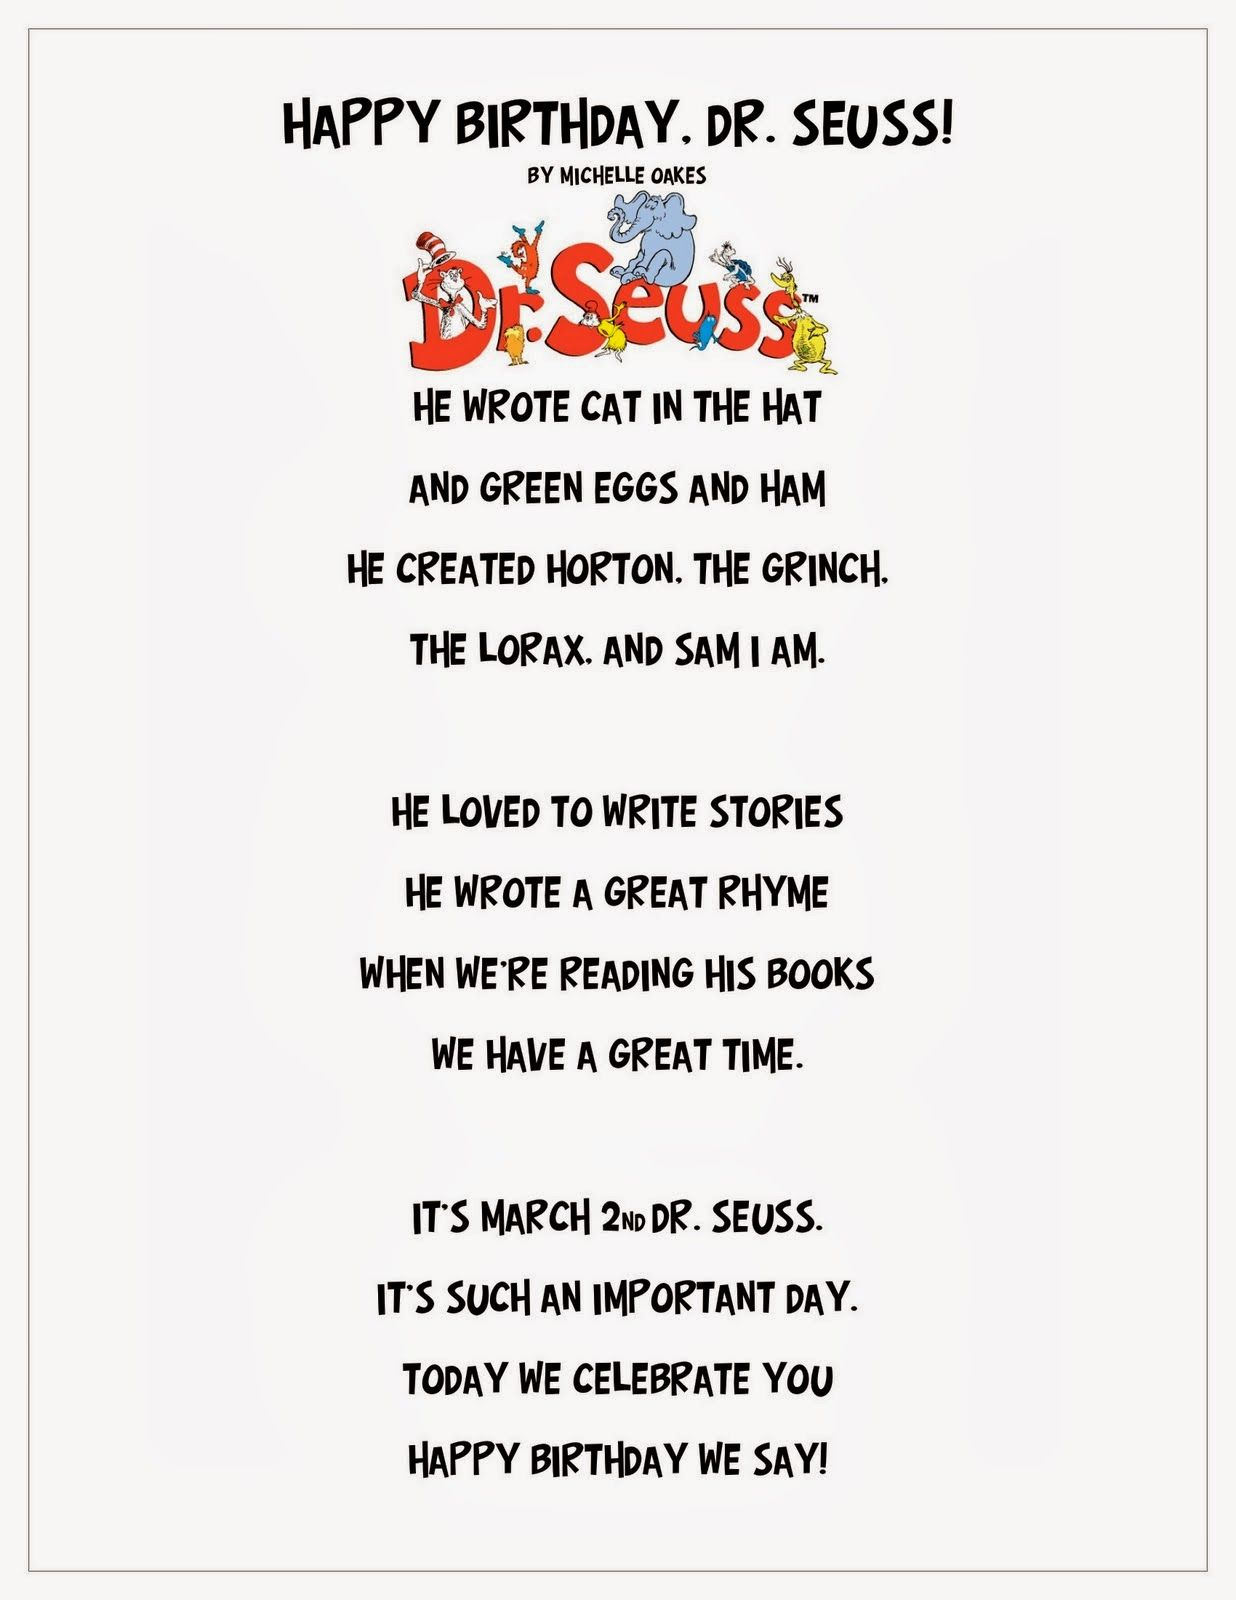 Livin La Vida Loca Happy Birthday Dr Seuss